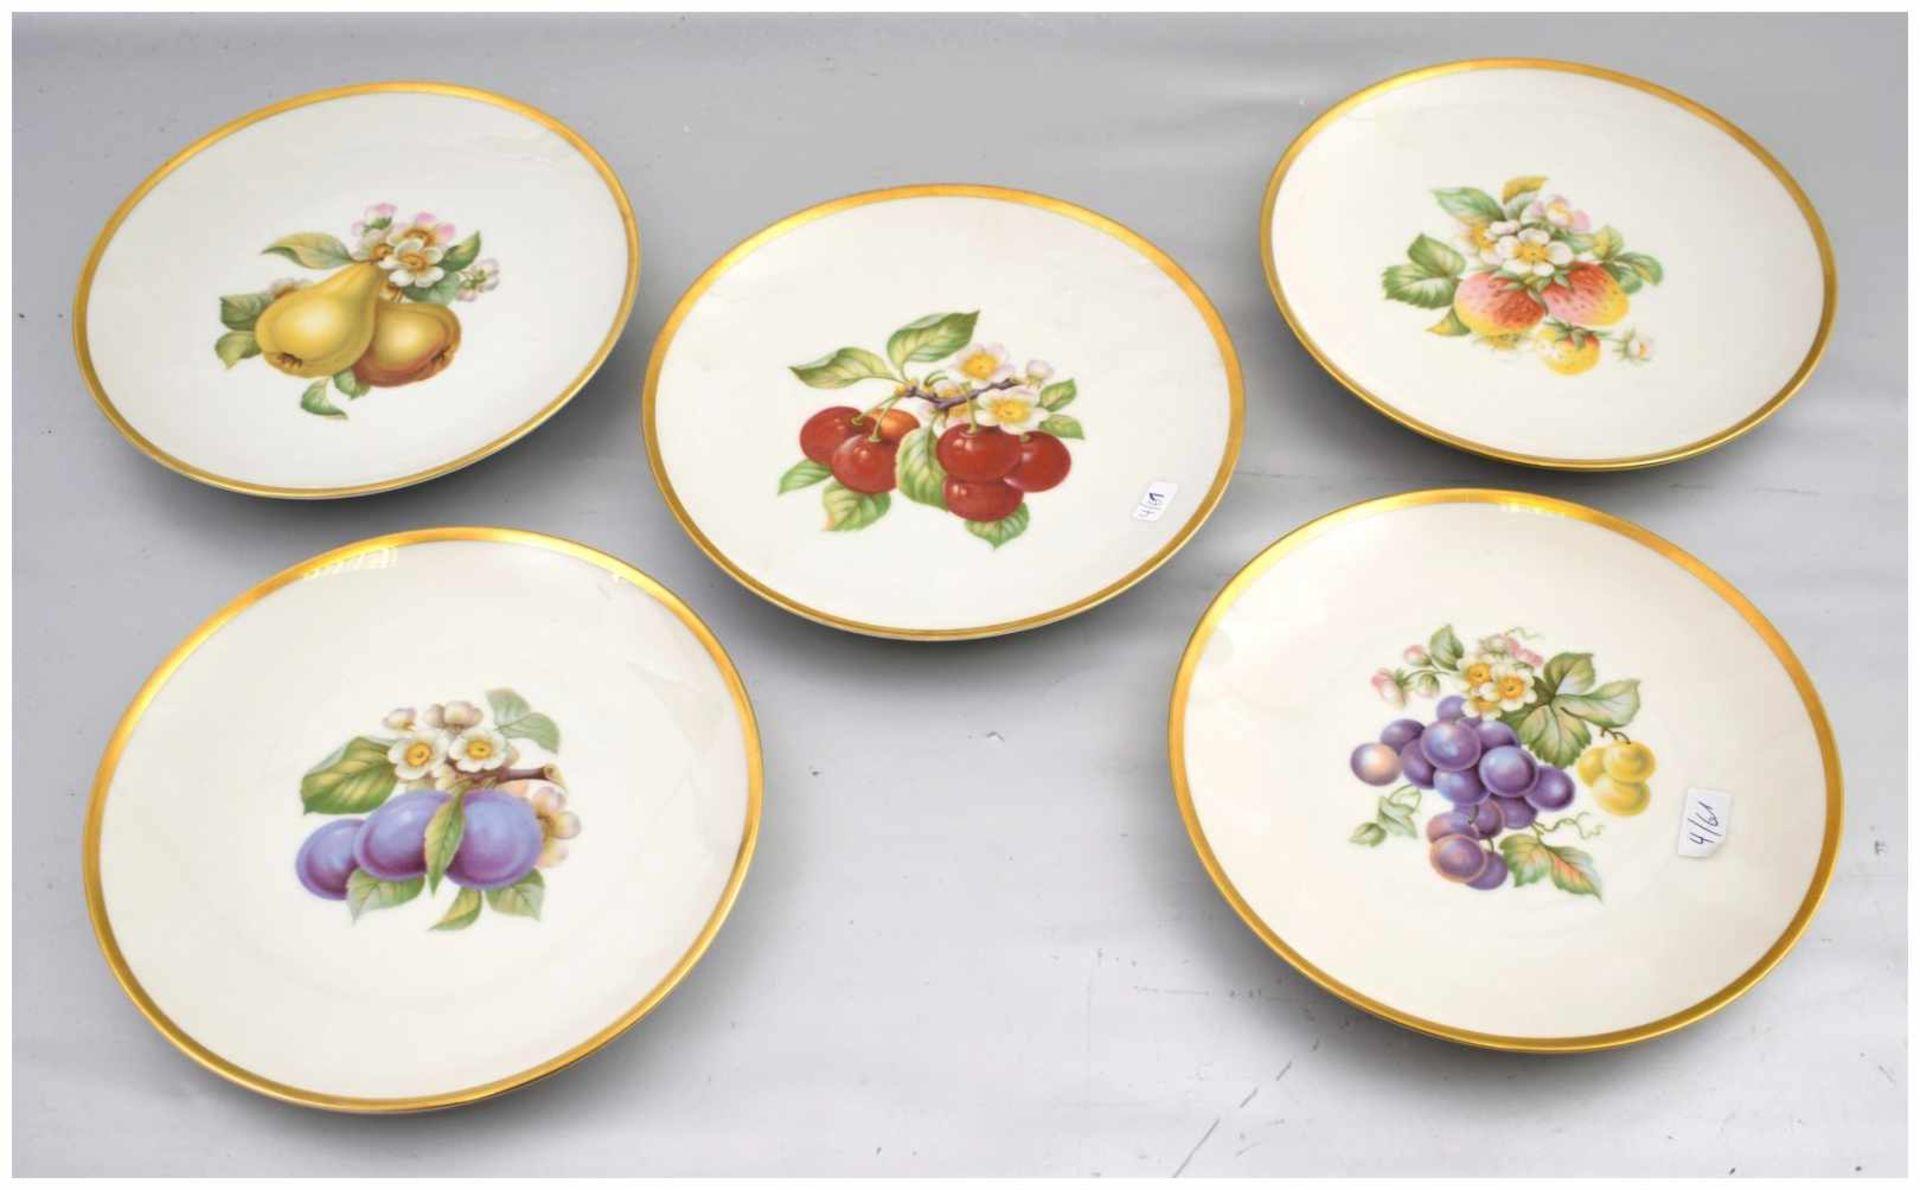 Los 3 - Fünf Obstteller breiter Goldrand, Spiegel mit buntem Obst verziert, Dm 20 cm, FM Hutschenreuther